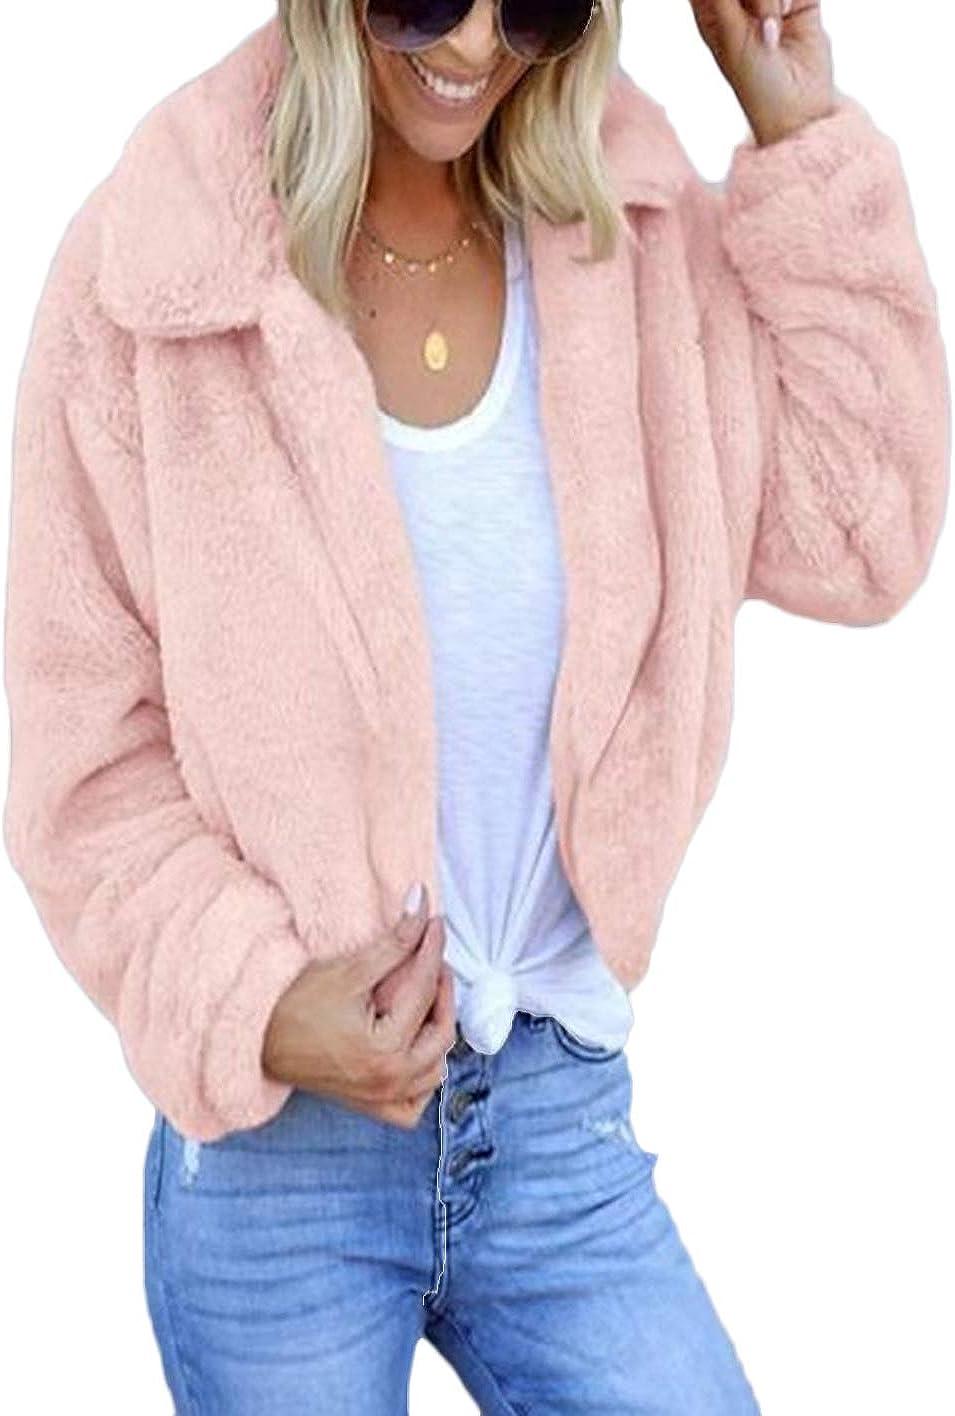 wsevypo Womens Faux Fur Jacket Open Front Shaggy Long Sleeve Furry Lapel Coat Warm Winter Sherpa Outwear